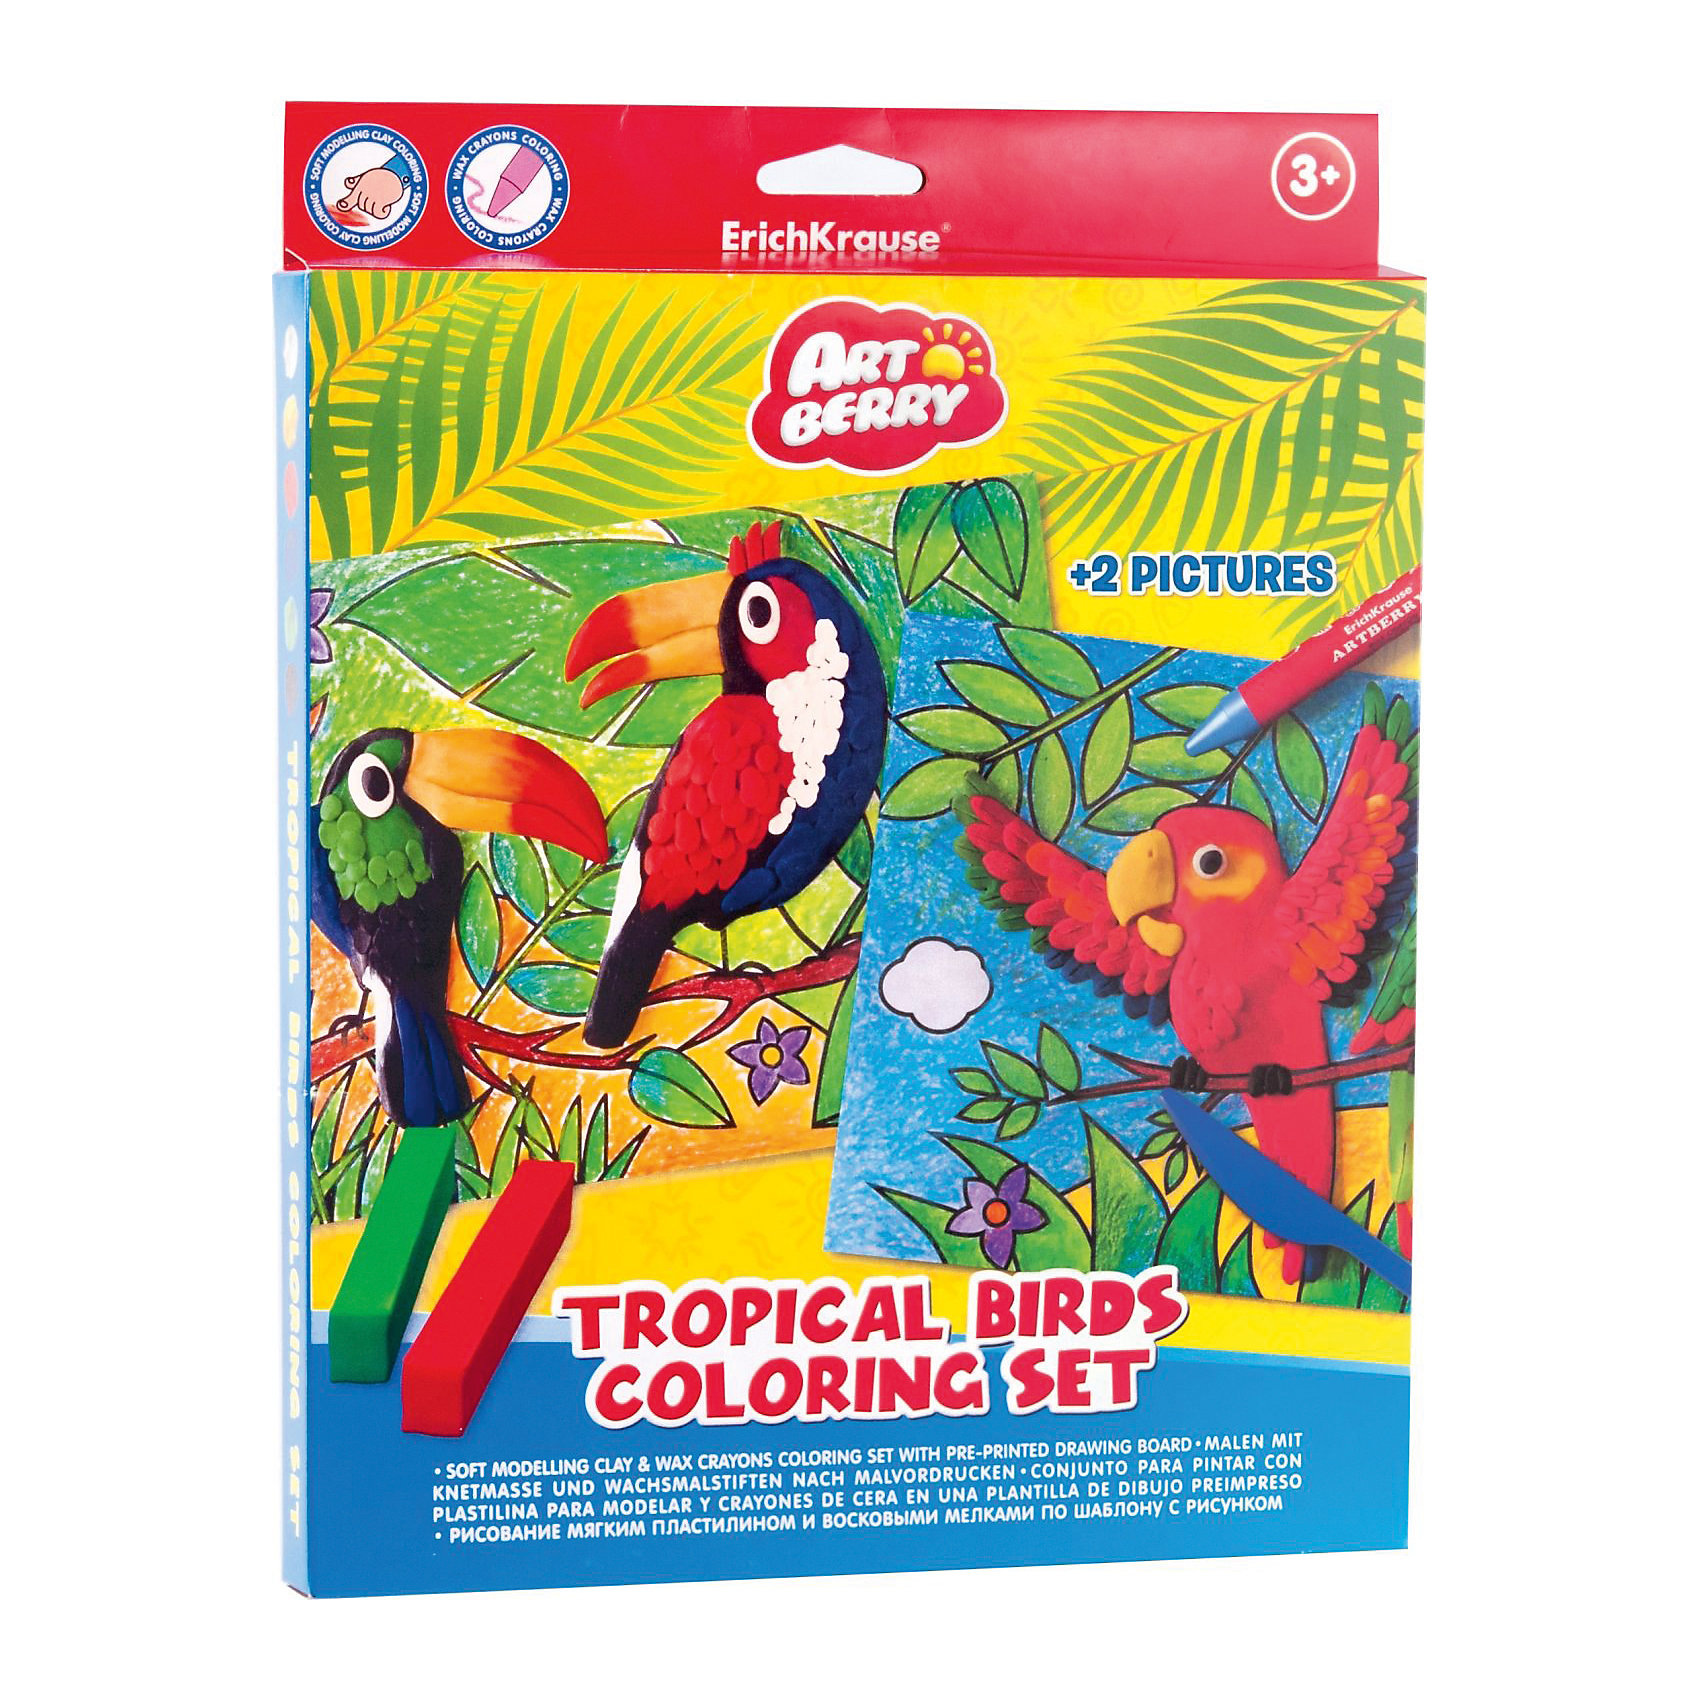 Набор для творчества Тропические птицы (16 предметов), ArtberryЛепка<br>Лепка и рисование с Набором для творчества Тропические птицы (16 предметов), Artberry (Артберри) доставит большое удовольствие Вашему ребенку, а кроме того, с помощью набора он будет развивать мелкую моторику, объемное воображение, творческие способности умение доводить начатое до конца. Набор отлично подойдет для детей, которые уже умеют рисовать и лепить, но хотят научиться совмещать различные техники рисования и лепки. Основа рисунка выполняется восковыми мелками, а детали и элементы картинки прорисовываются мягким пластилином, который обладает хорошей пластичностью и легко ложится на заготовки рисунков тропических птиц. <br><br>Характеристики:<br>-Пластилин безопасен, не прилипает к рукам, не пачкает одежду<br>-Пластилин не застывает на воздухе<br>-Яркие цвета пластилина легко смешиваются между собой<br>-Восковые мелки обеспечивают мягкое письмо, обладают отличными кроющими свойствами<br>-Восковые мелки нетоксичны и безопасны<br><br>Комплектация: 8 цветных восковых мелков, 6 цветных брусочков пластилина, 2 шаблона с контурами рисунка<br><br>Дополнительная информация:<br>-Вес в упаковке: 272 г<br>-Размеры в упаковке: 330х230х10 мм<br>-Материалы: пластилин, краски, пластмасса<br><br>Такой творческий набор станет отличным подарком, который доставит настоящую радость детям и откроет новые горизонты для творчества Вашего ребенка!<br><br>Набор для творчества Тропические птицы (16 предметов), Artberry (Артберри) можно купить в нашем магазине.<br><br>Ширина мм: 330<br>Глубина мм: 230<br>Высота мм: 10<br>Вес г: 272<br>Возраст от месяцев: 36<br>Возраст до месяцев: 144<br>Пол: Унисекс<br>Возраст: Детский<br>SKU: 4058308